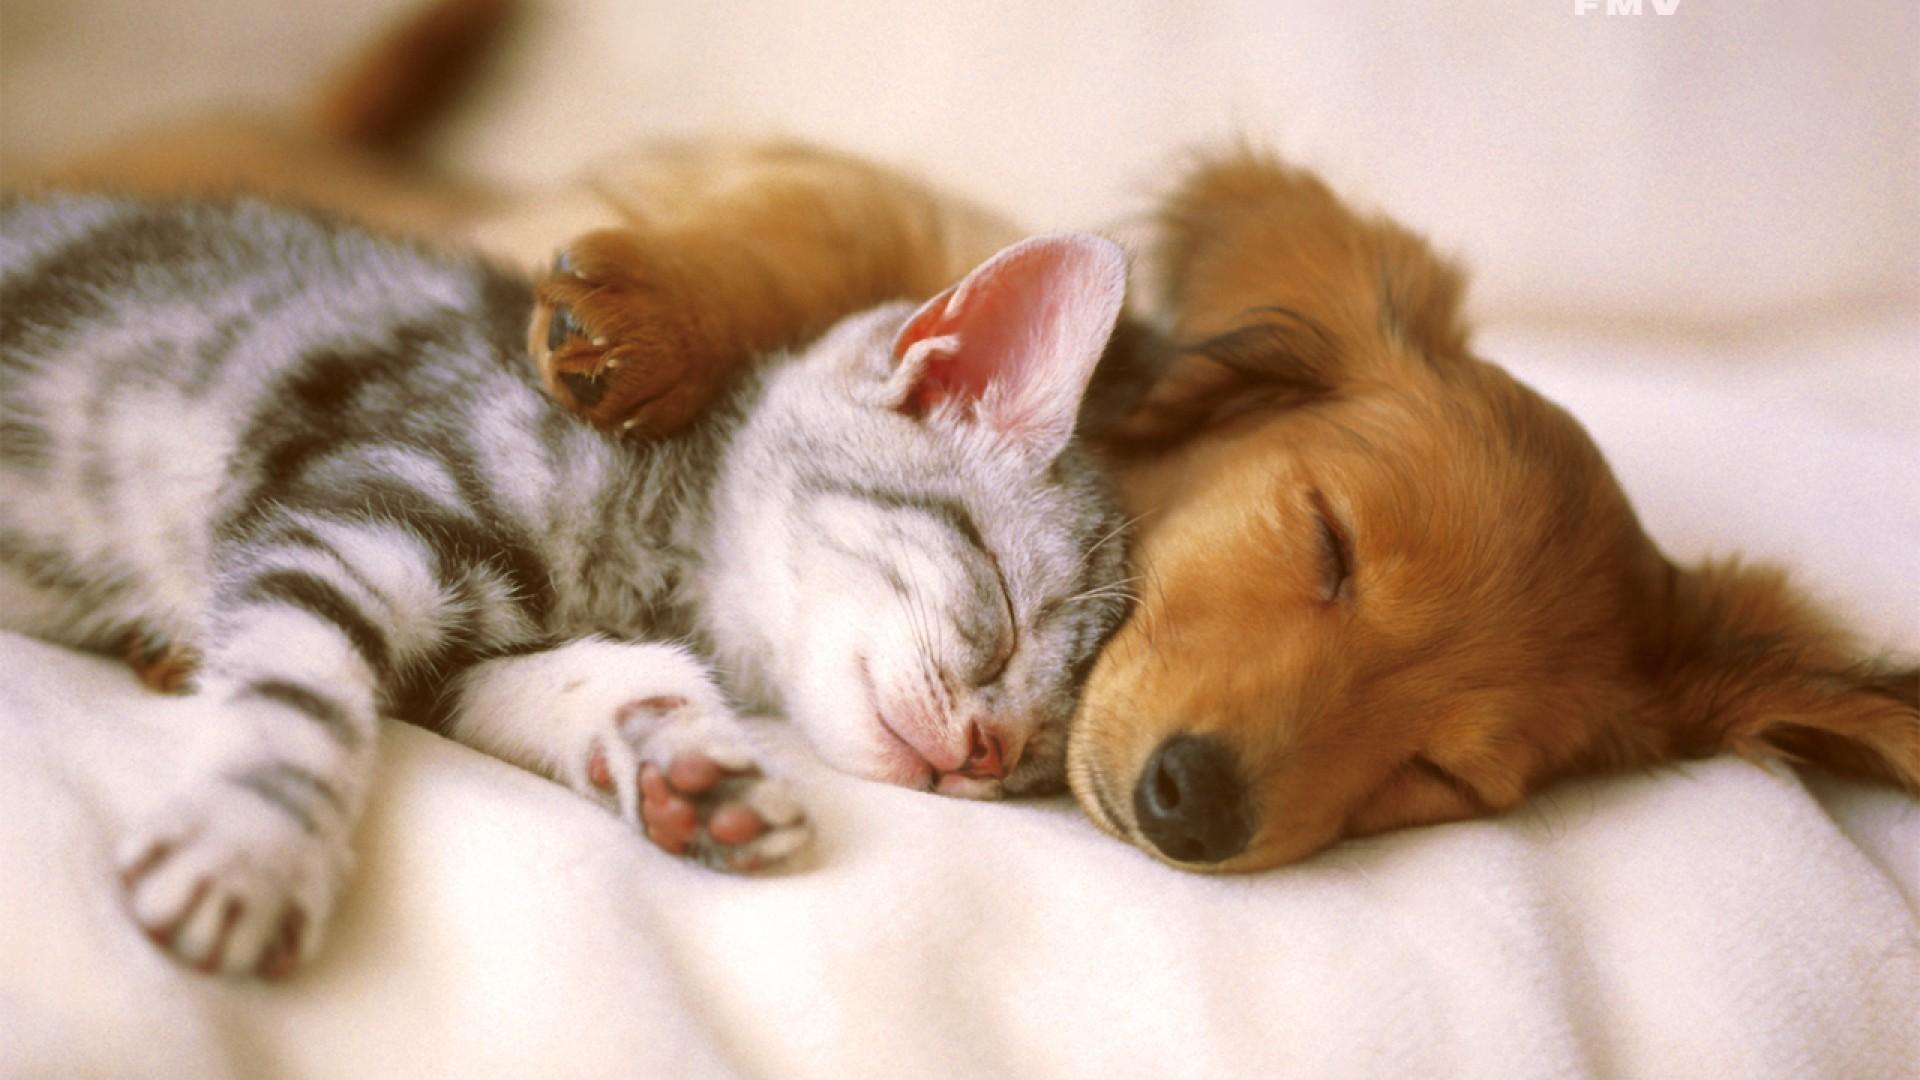 Passe em Animais, todo último domingo do mês